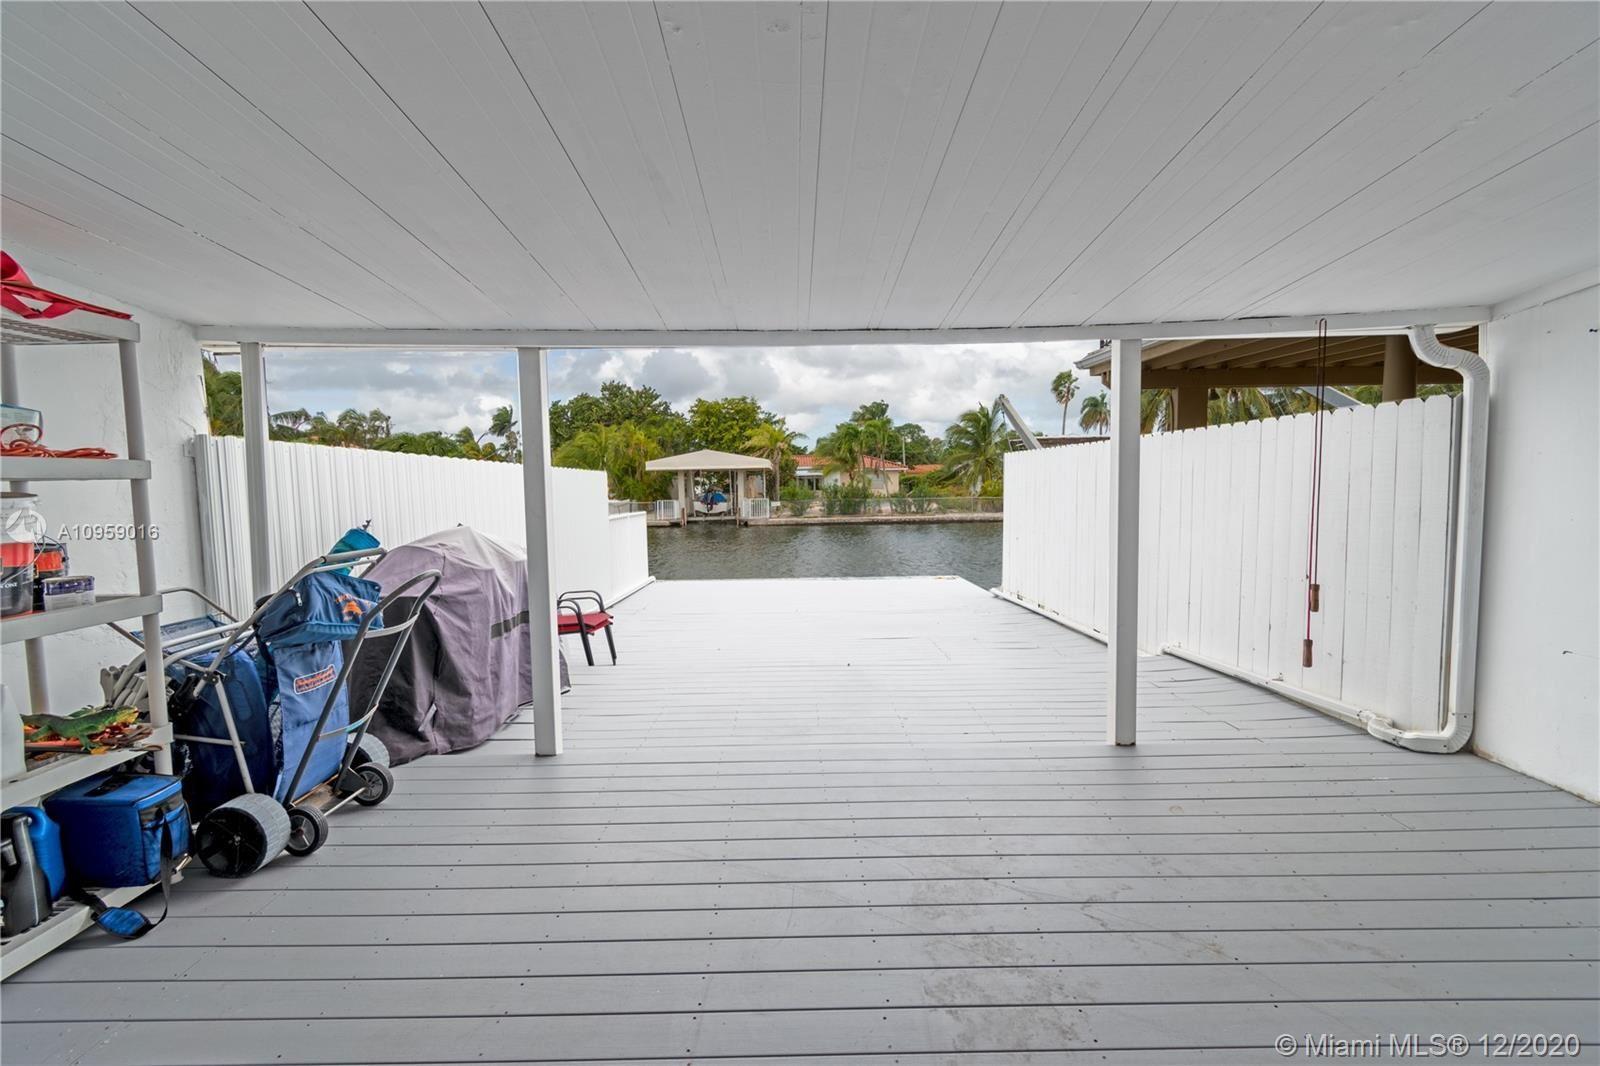 Photo of 2211 NE 123rd St, North Miami, FL 33181 (MLS # A10959016)